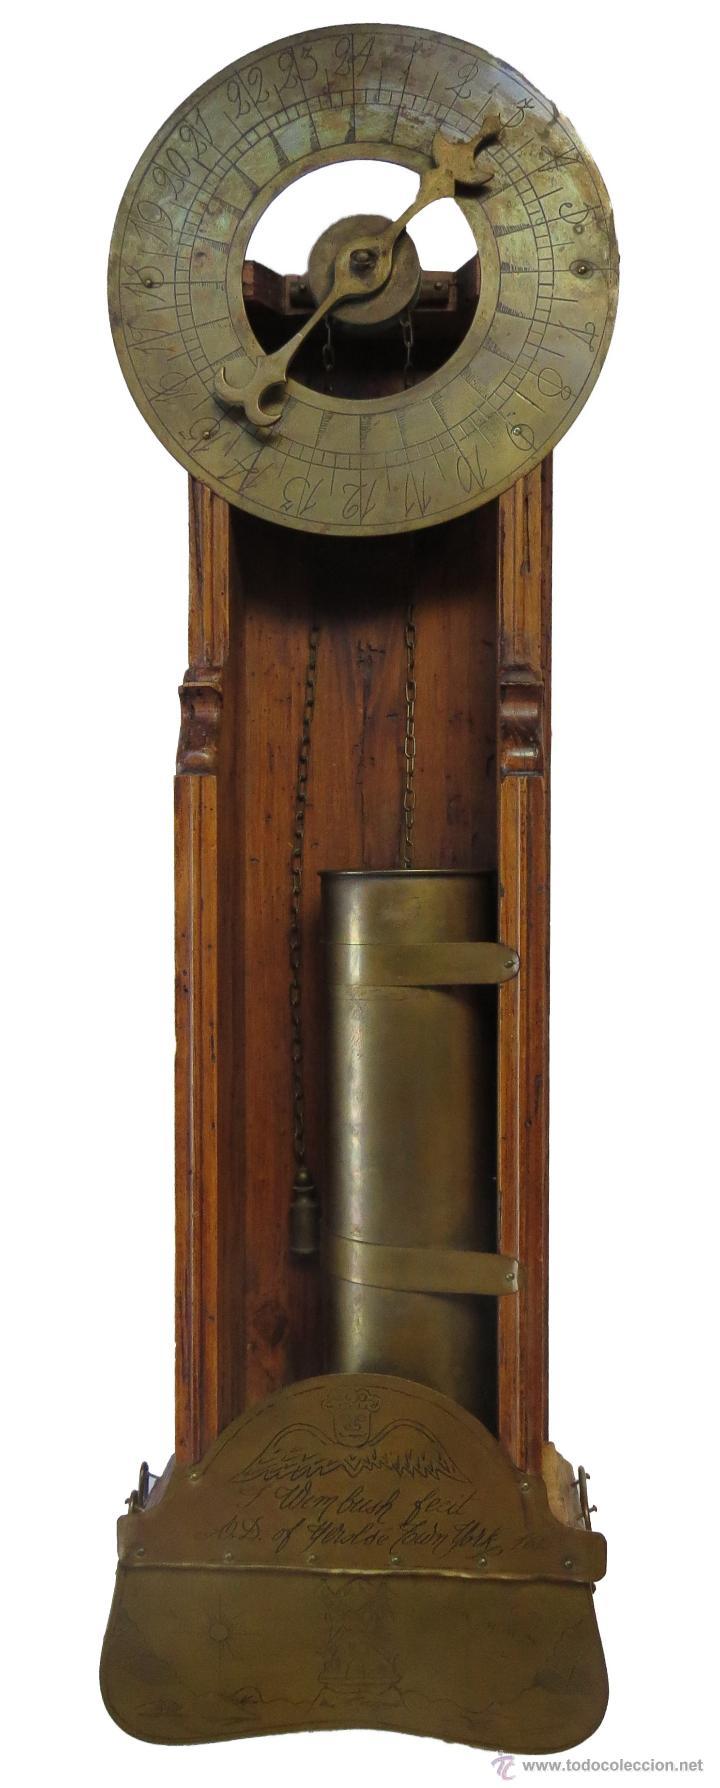 Reloj de agua clepsidra comprar relojes antiguos de - Comprar mecanismo reloj pared ...